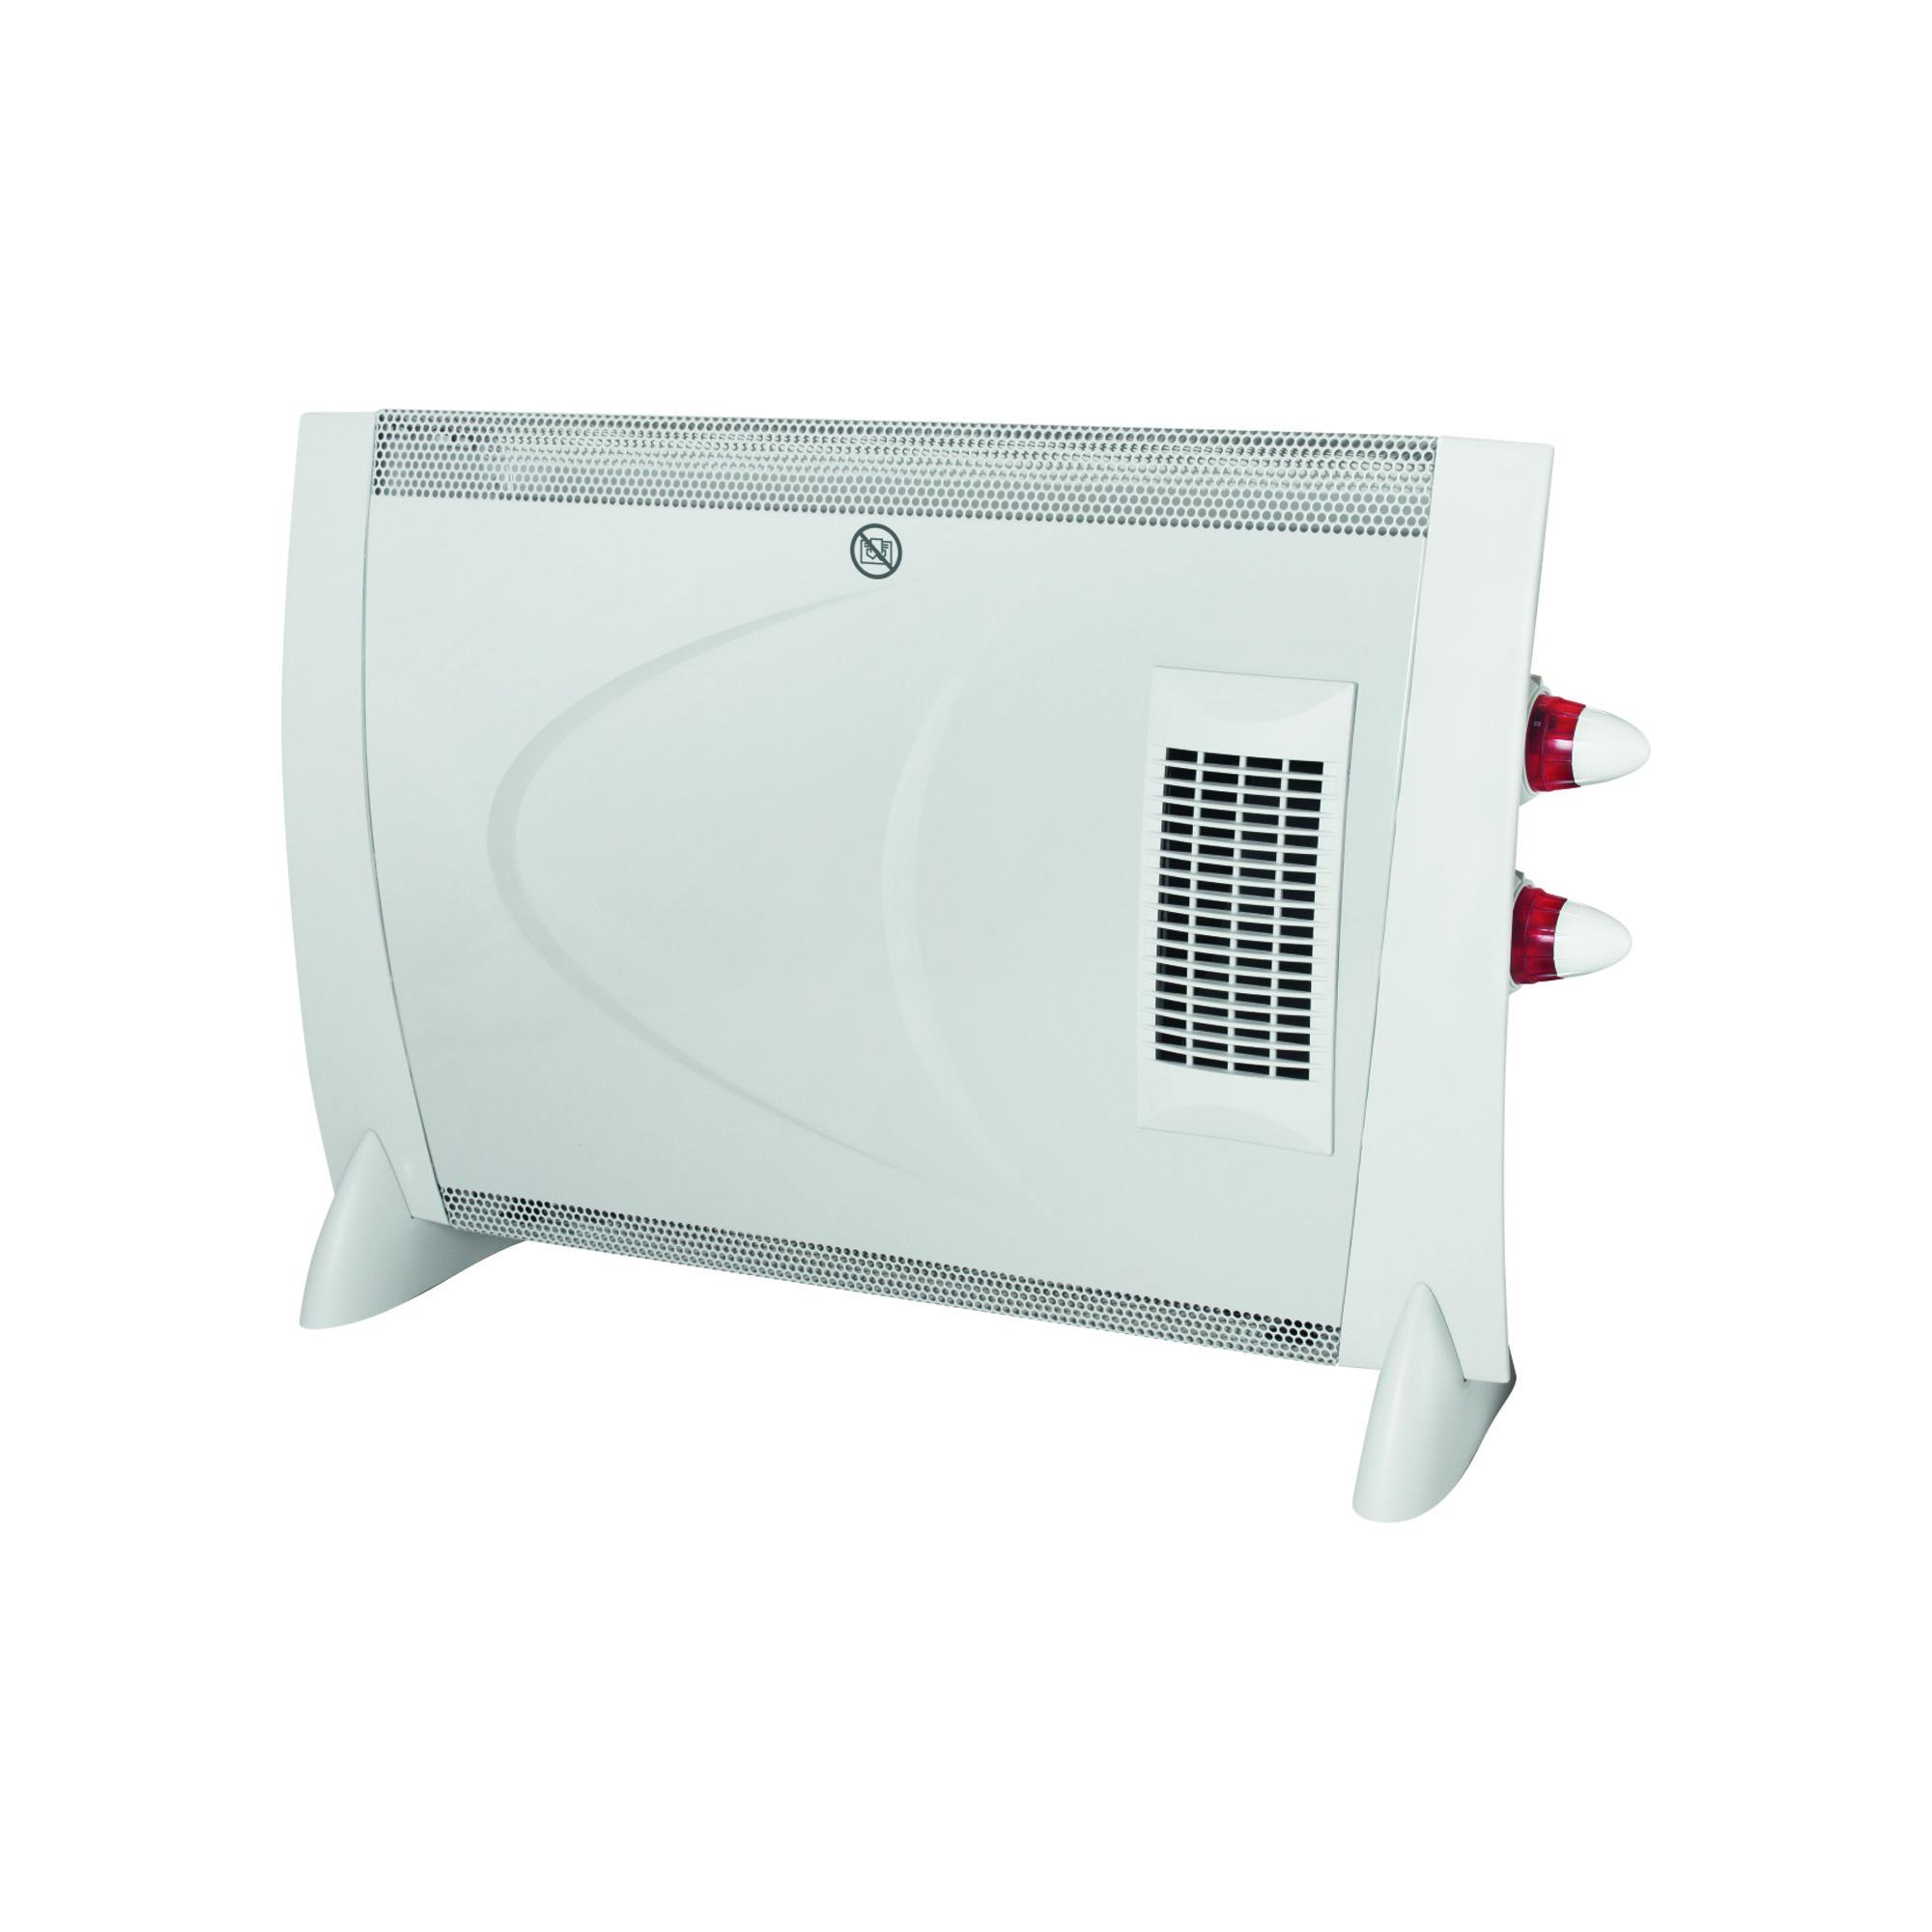 Home by Somogyi FK 190 TURBO konvektor fűtőtest ventilátorral, 2000 W